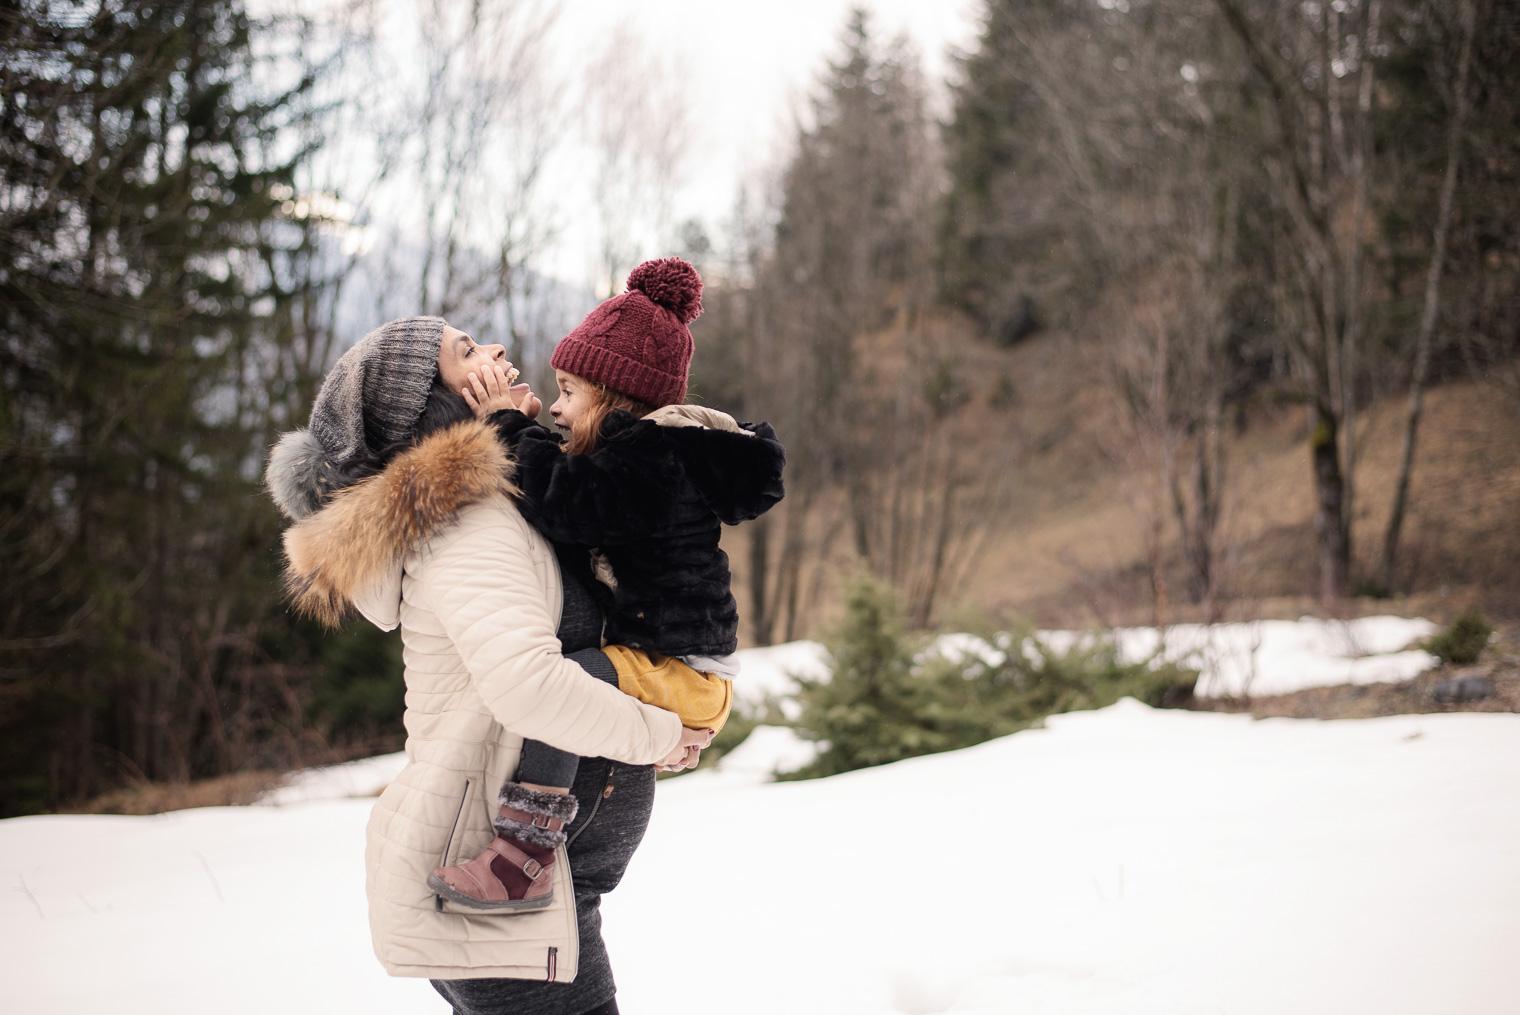 belinda lopez photo femme enceinte exterieur photographie famille grossesse nouveau-ne bebe enfant maternite photographe bourg-saint-maurice savoie belindalopez.fr-26